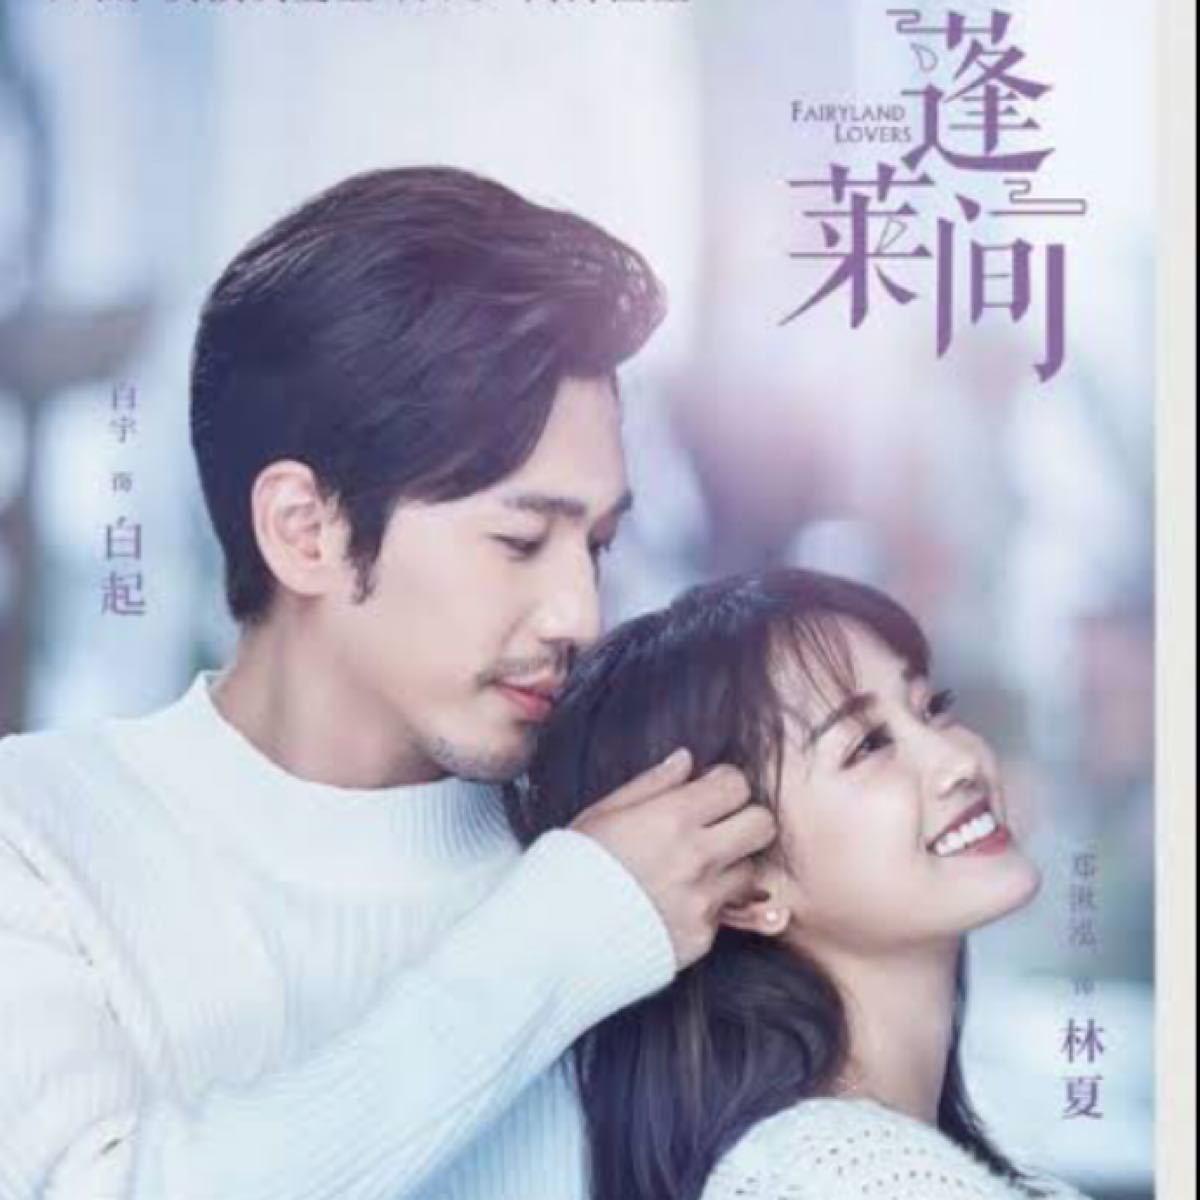 中国ドラマ 蓬莱間 Fairyland Lovers 全話 Blu-ray